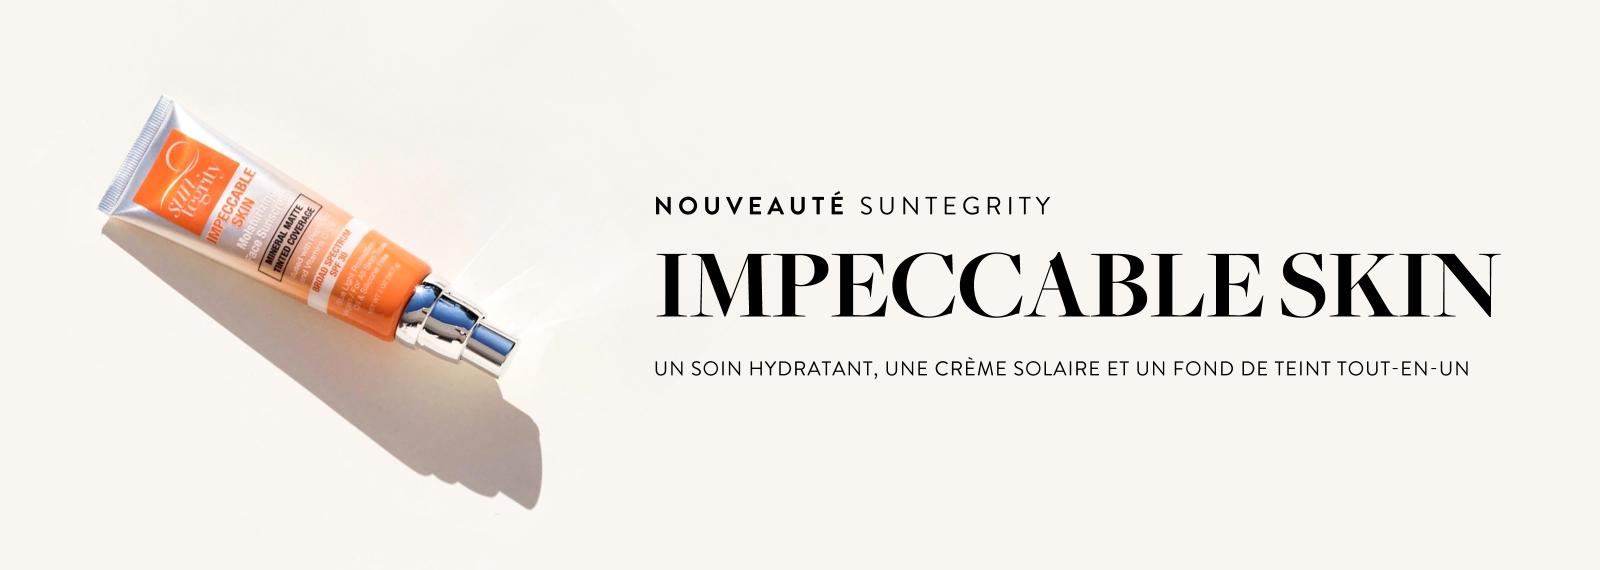 Nouveauté - SUNTEGRITY - Impeccable Skin